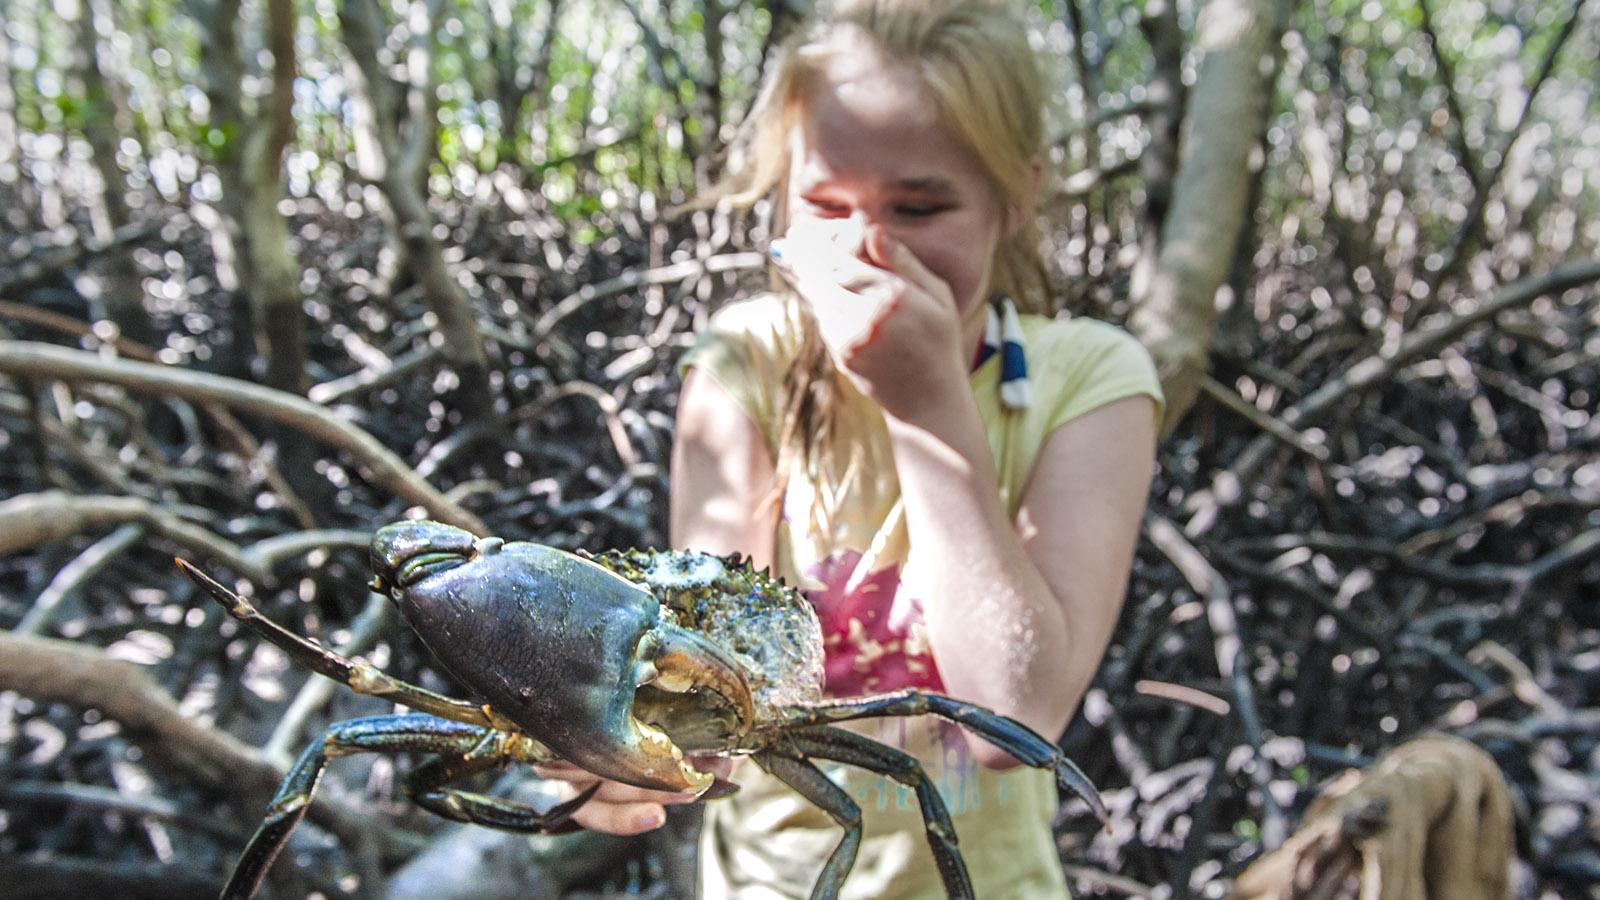 Mudcrabbing: Die Schlammkrabbe ist ja riesig! Meine Tochter hart Respekt für dem Krustentier... Foto: Hilke Maunder